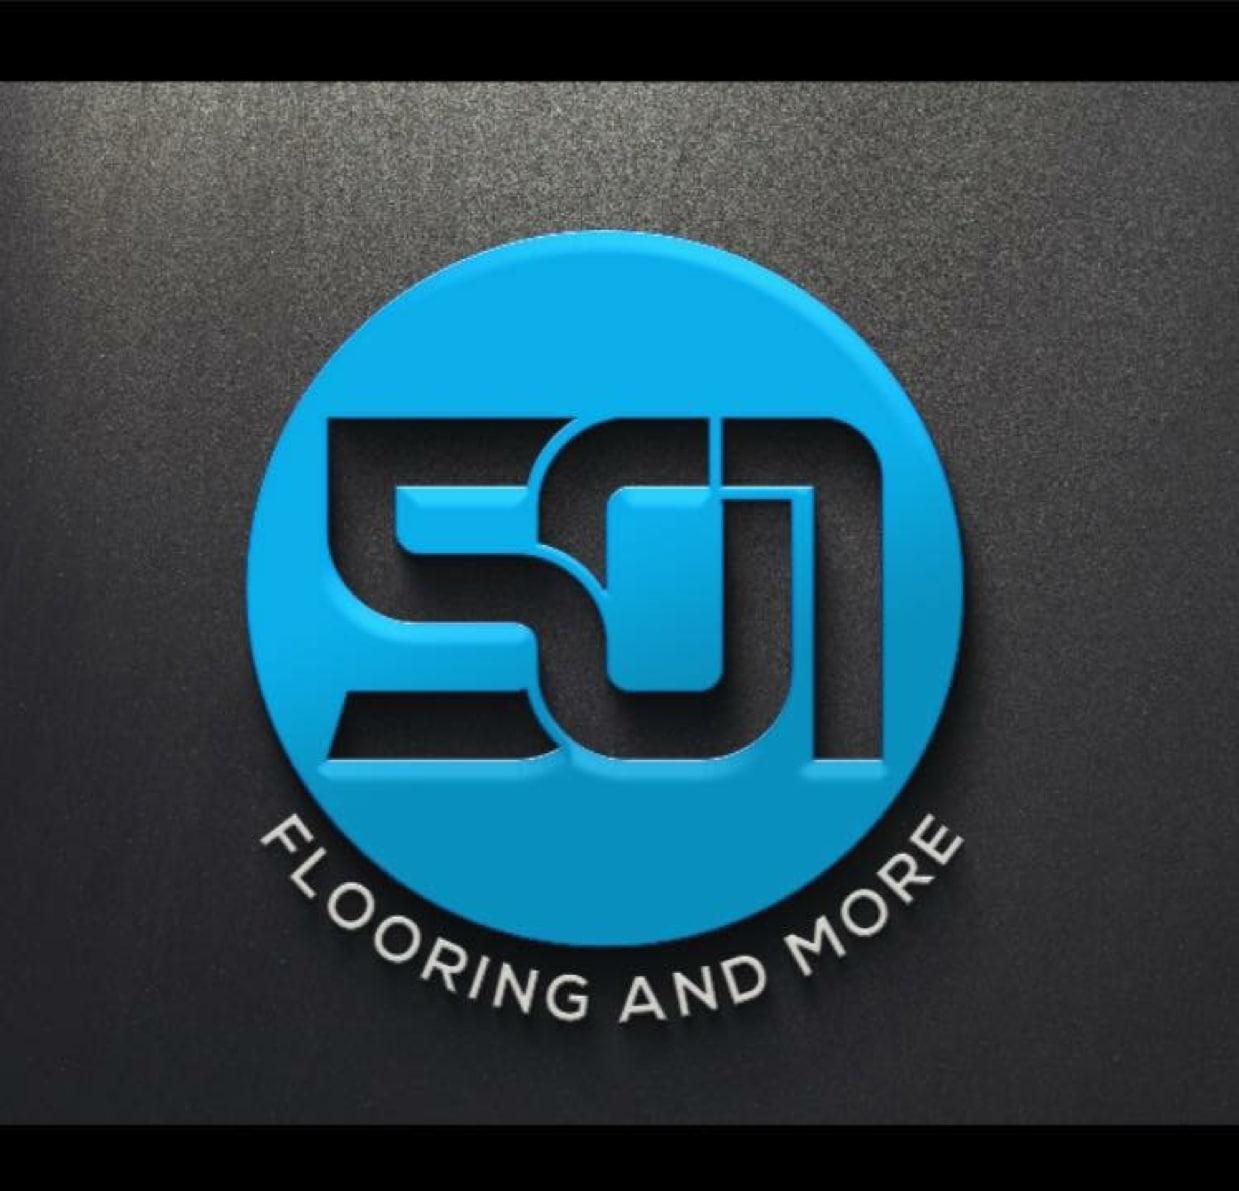 501 Flooring & More